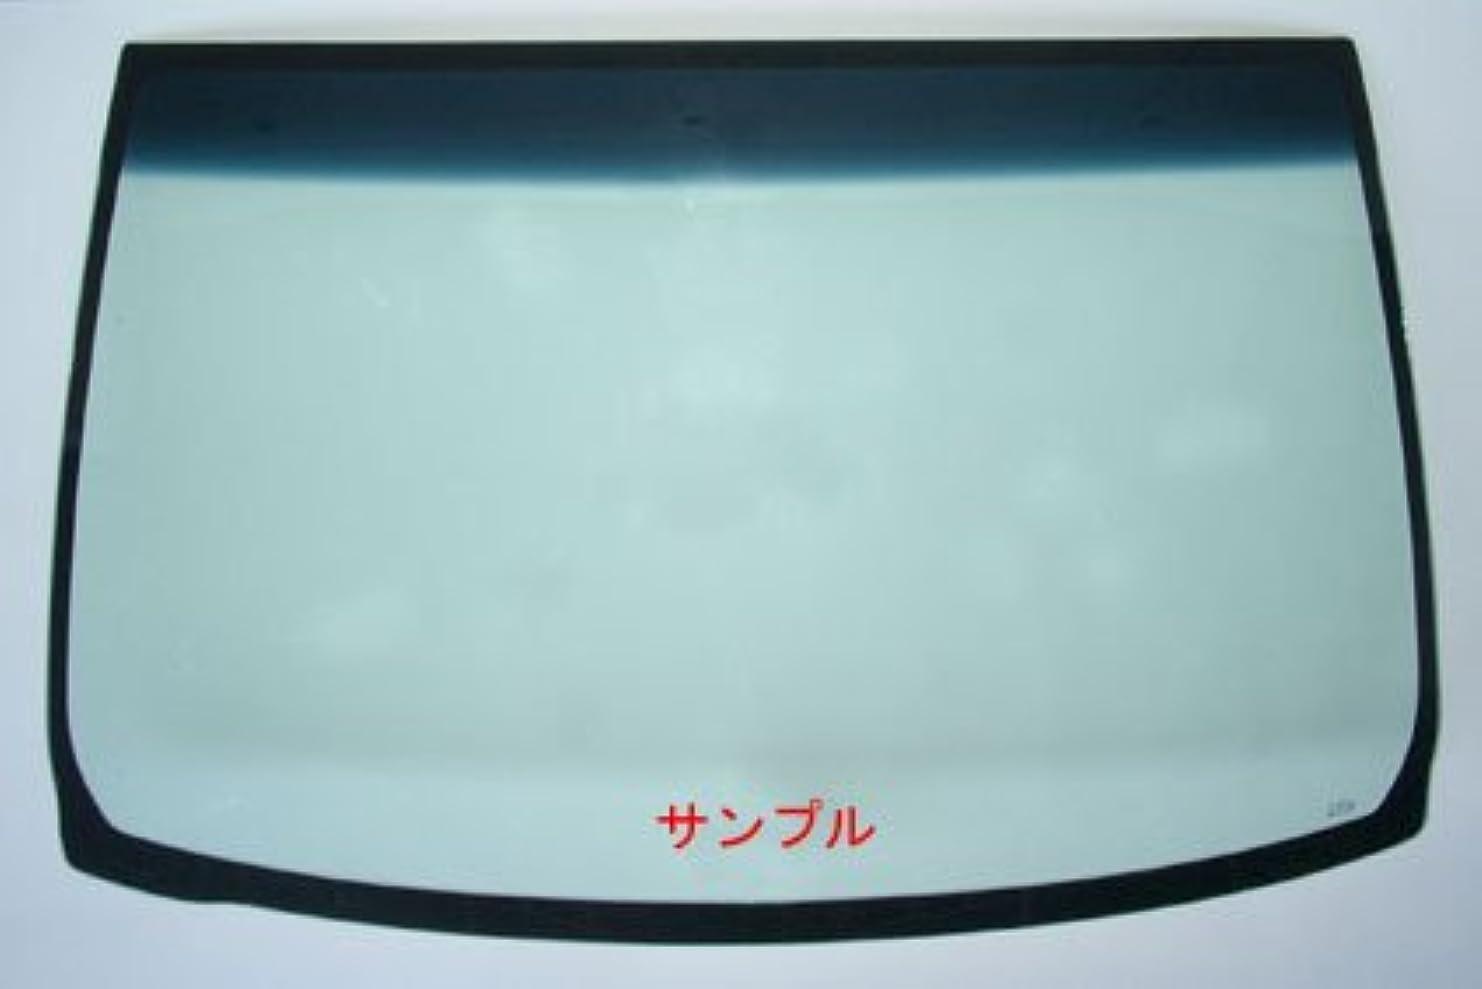 友だち着飾るレーニン主義TOYOTA (トヨタ) 純正部品 バックドアロワーストッパ クッション 品番67293-47020